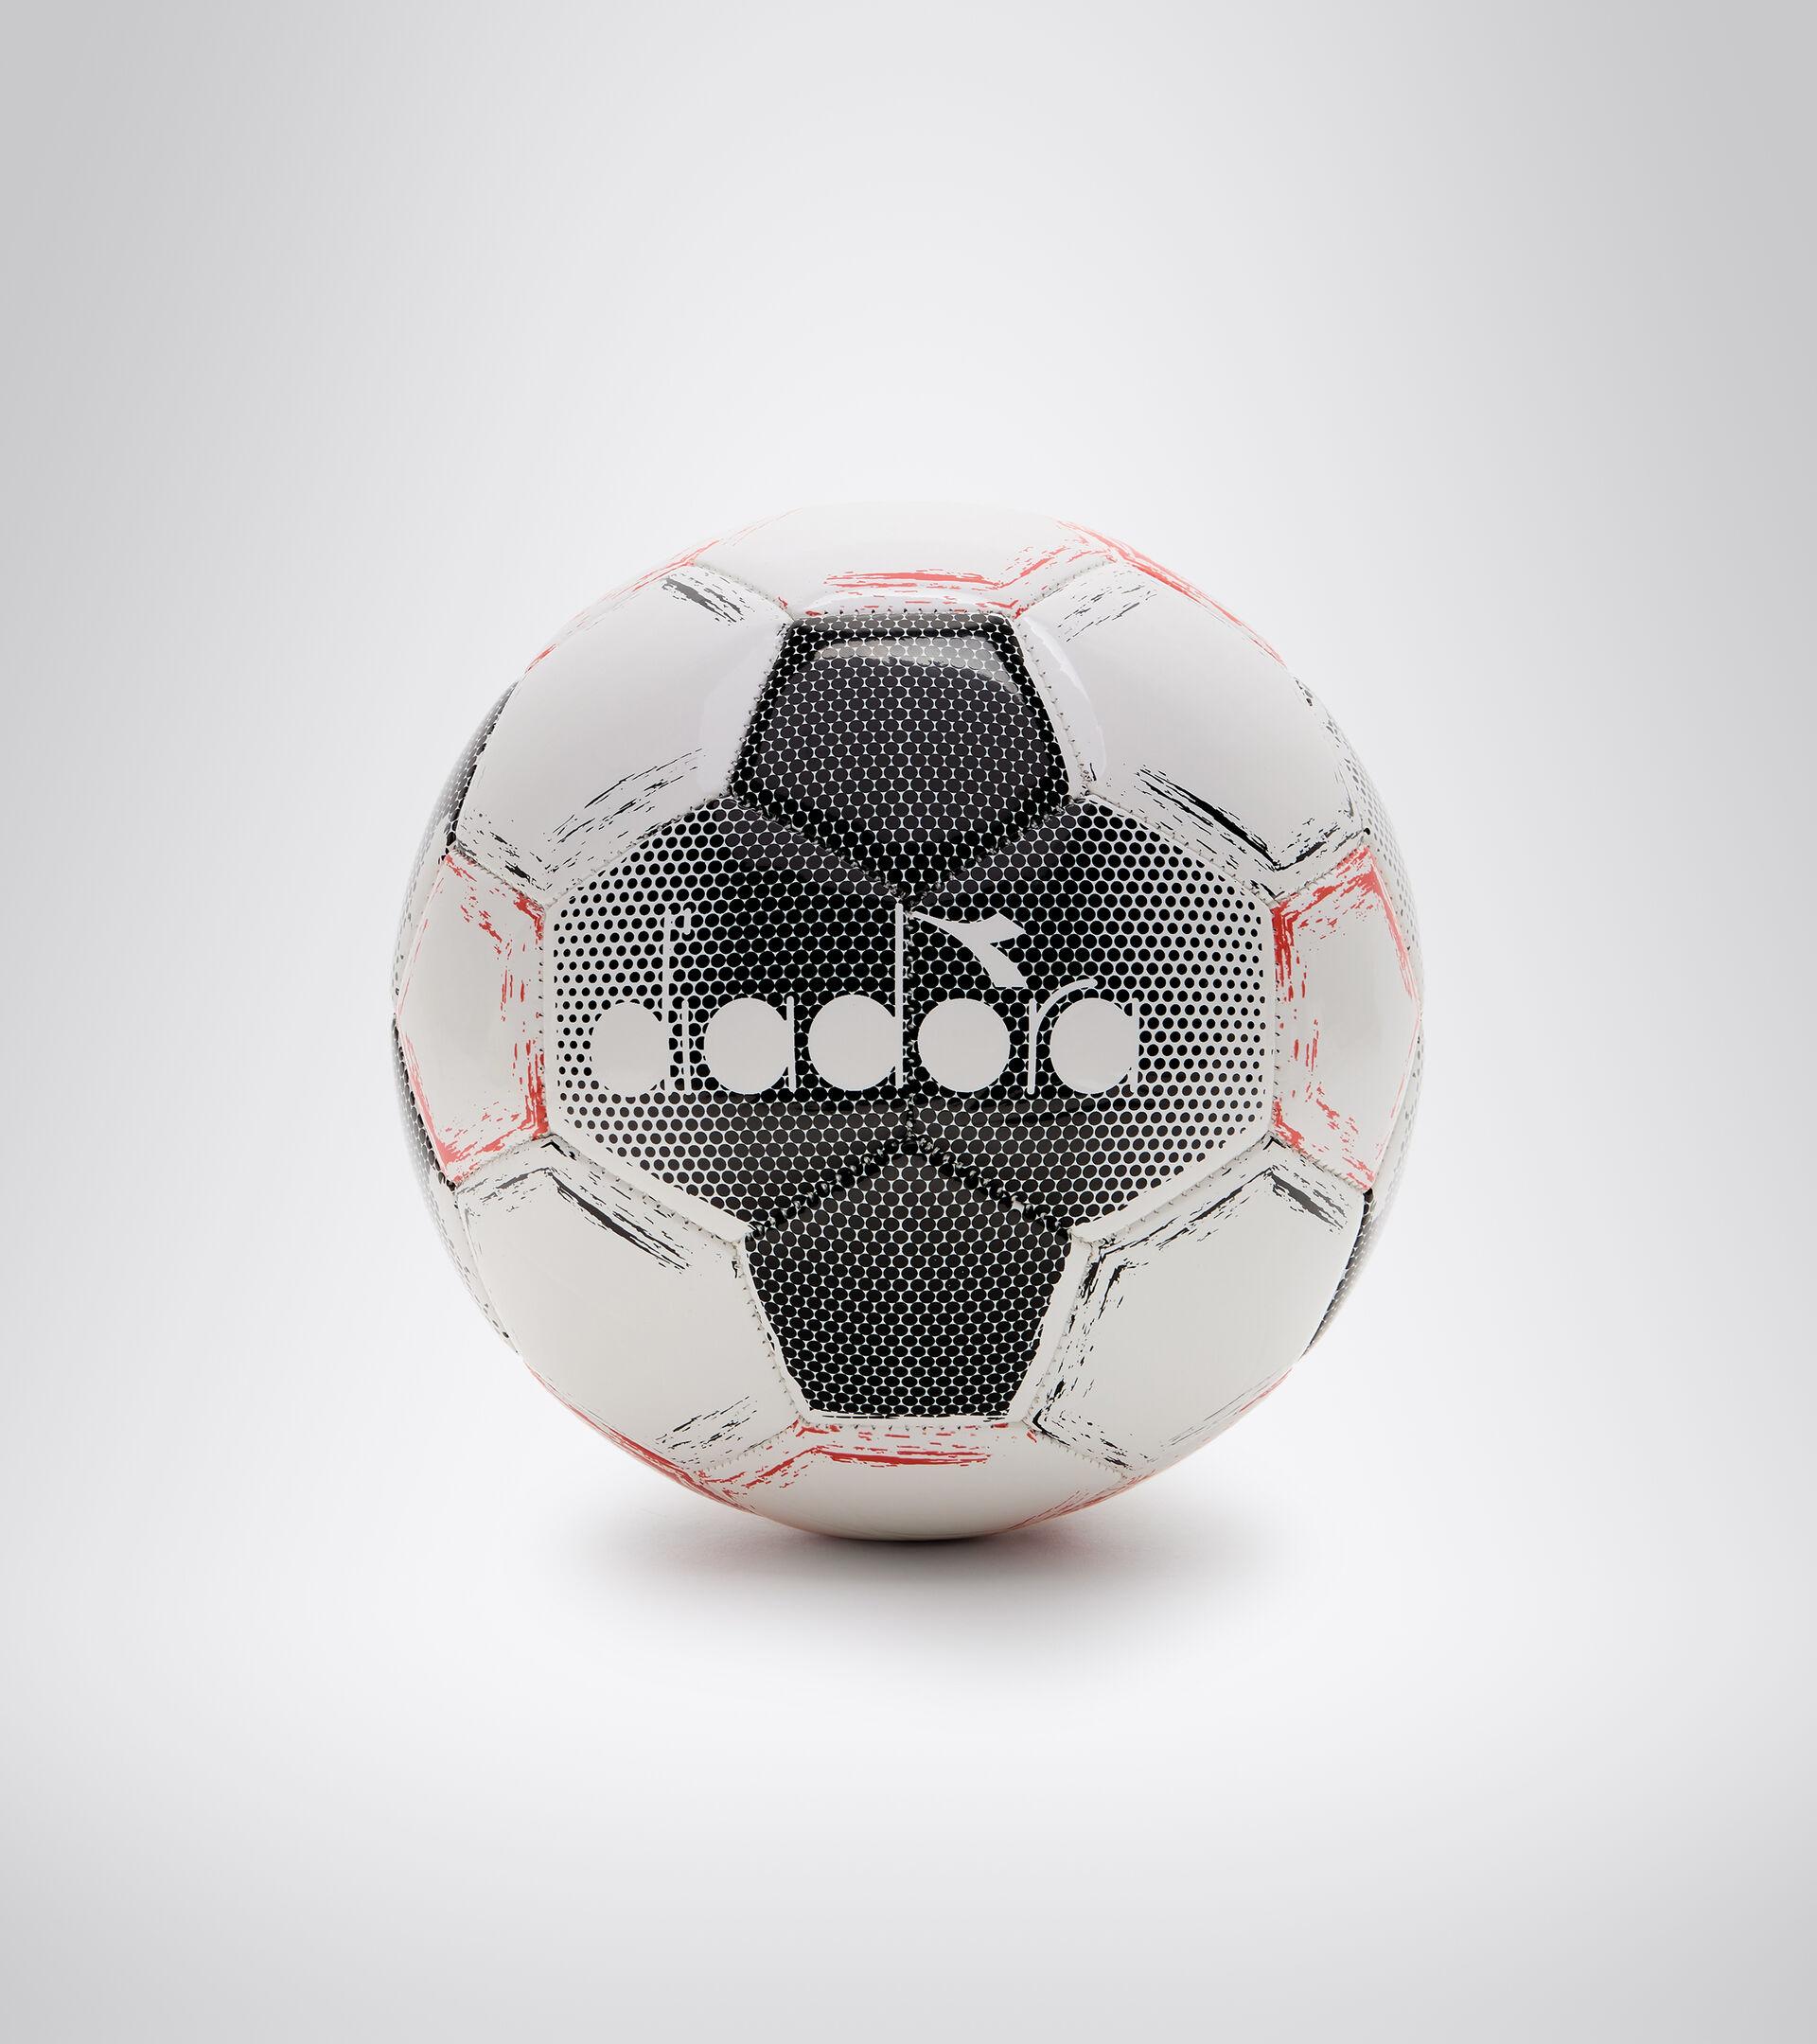 Kleinfeld-/Futsal-Ball BOMBER SALA CR WEISS/FLUO ROT/SCHWARZ - Diadora